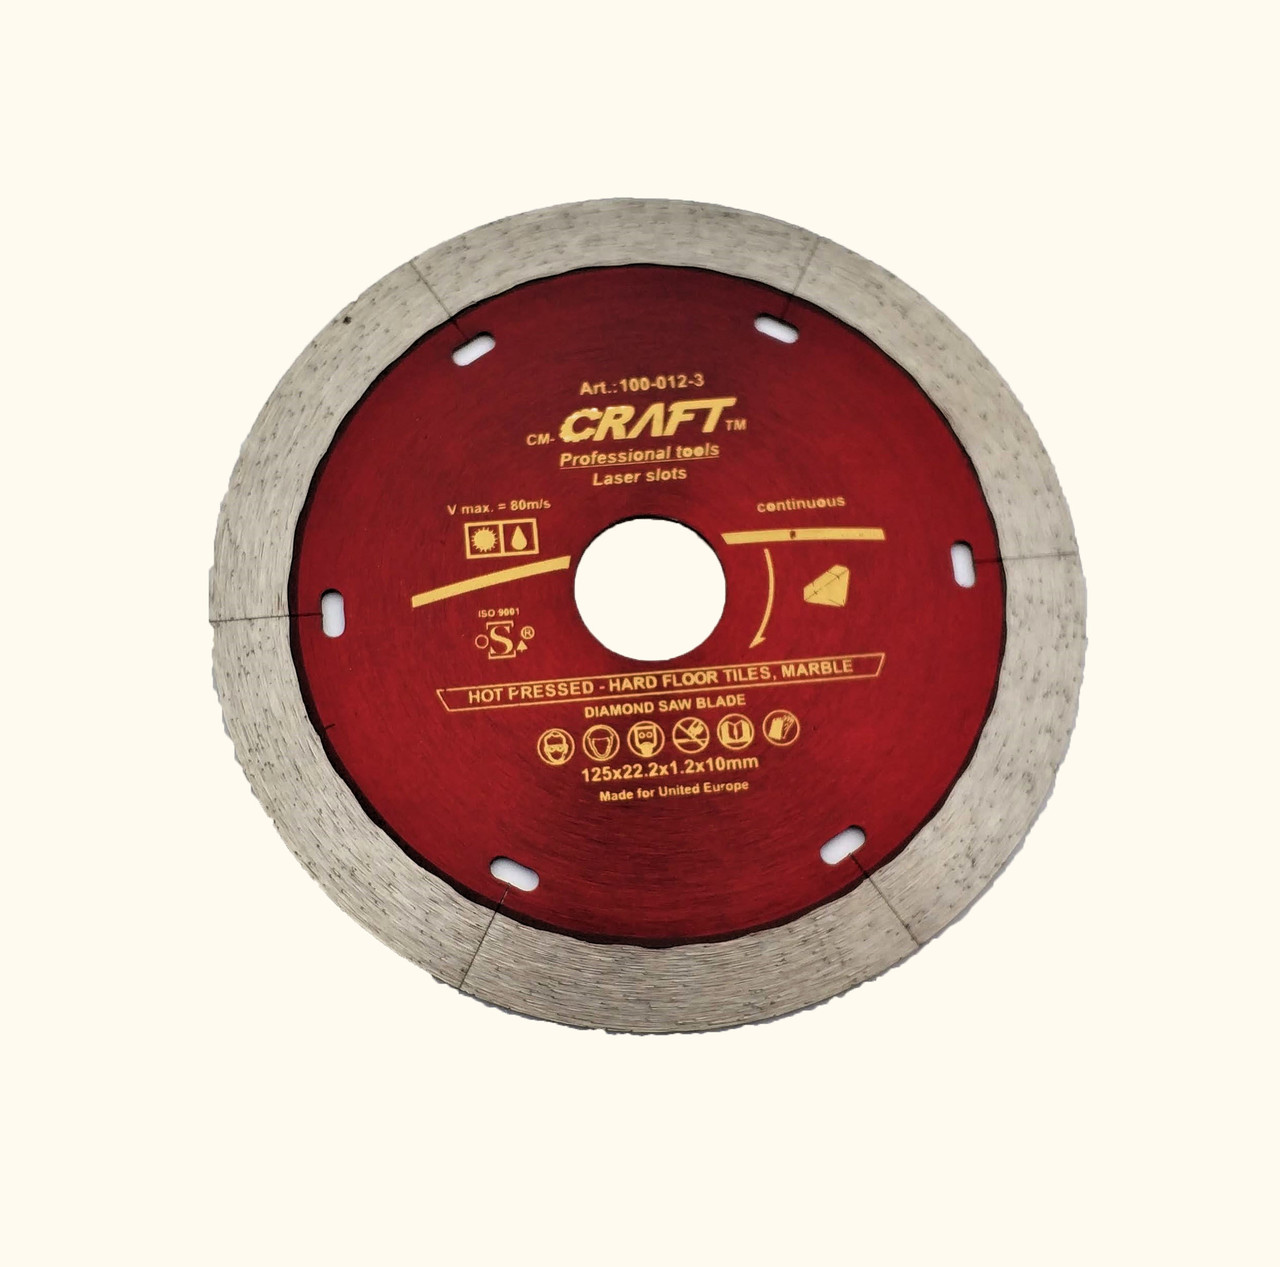 12-3 Диск Craft алм.гарячого пресування із суцільним різцем 125*22.2*1.2*10мм мокр/сух різ ках/керам